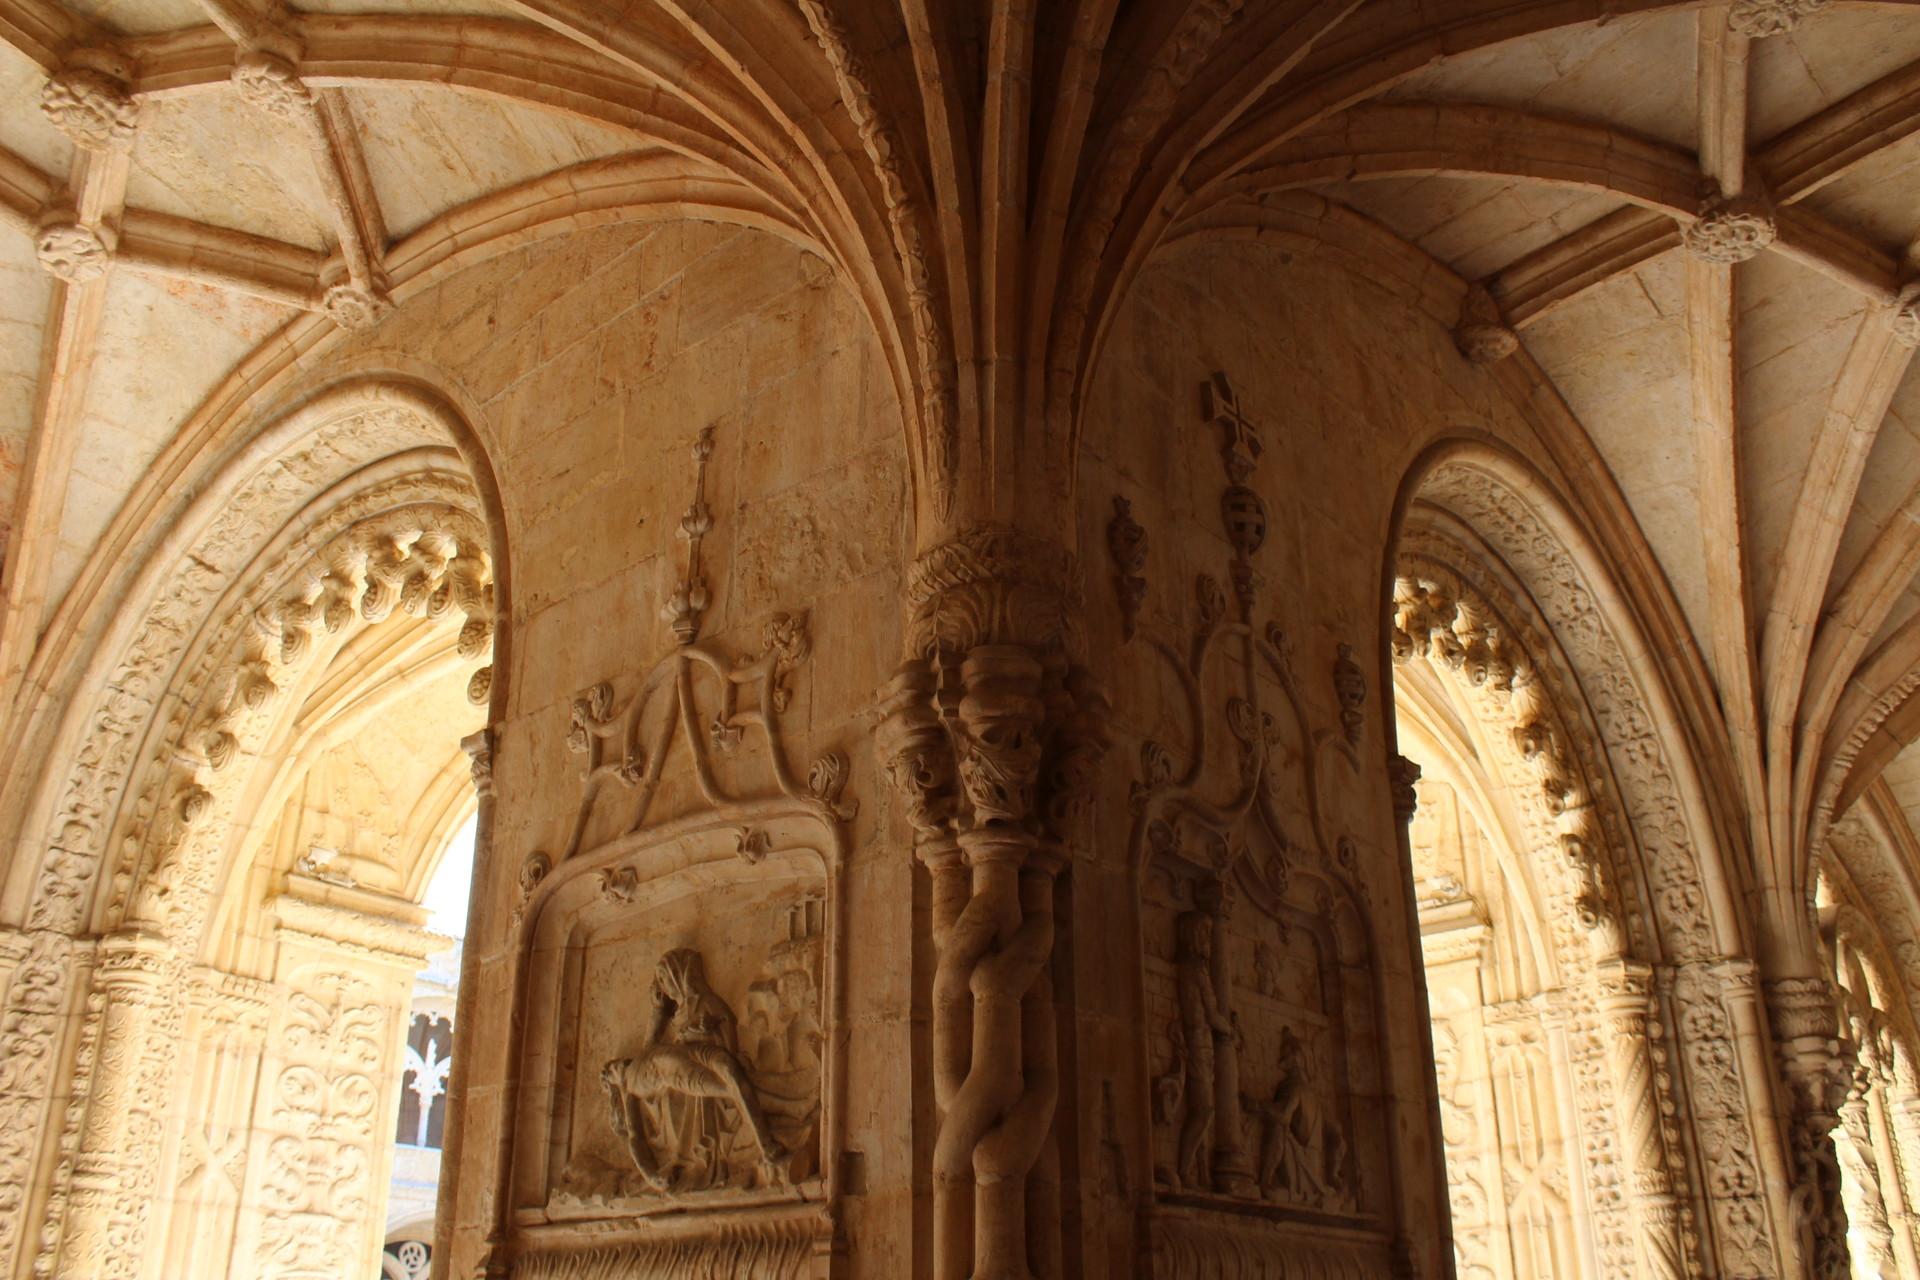 medieval-details-aab003f23a9af546d4da9a3